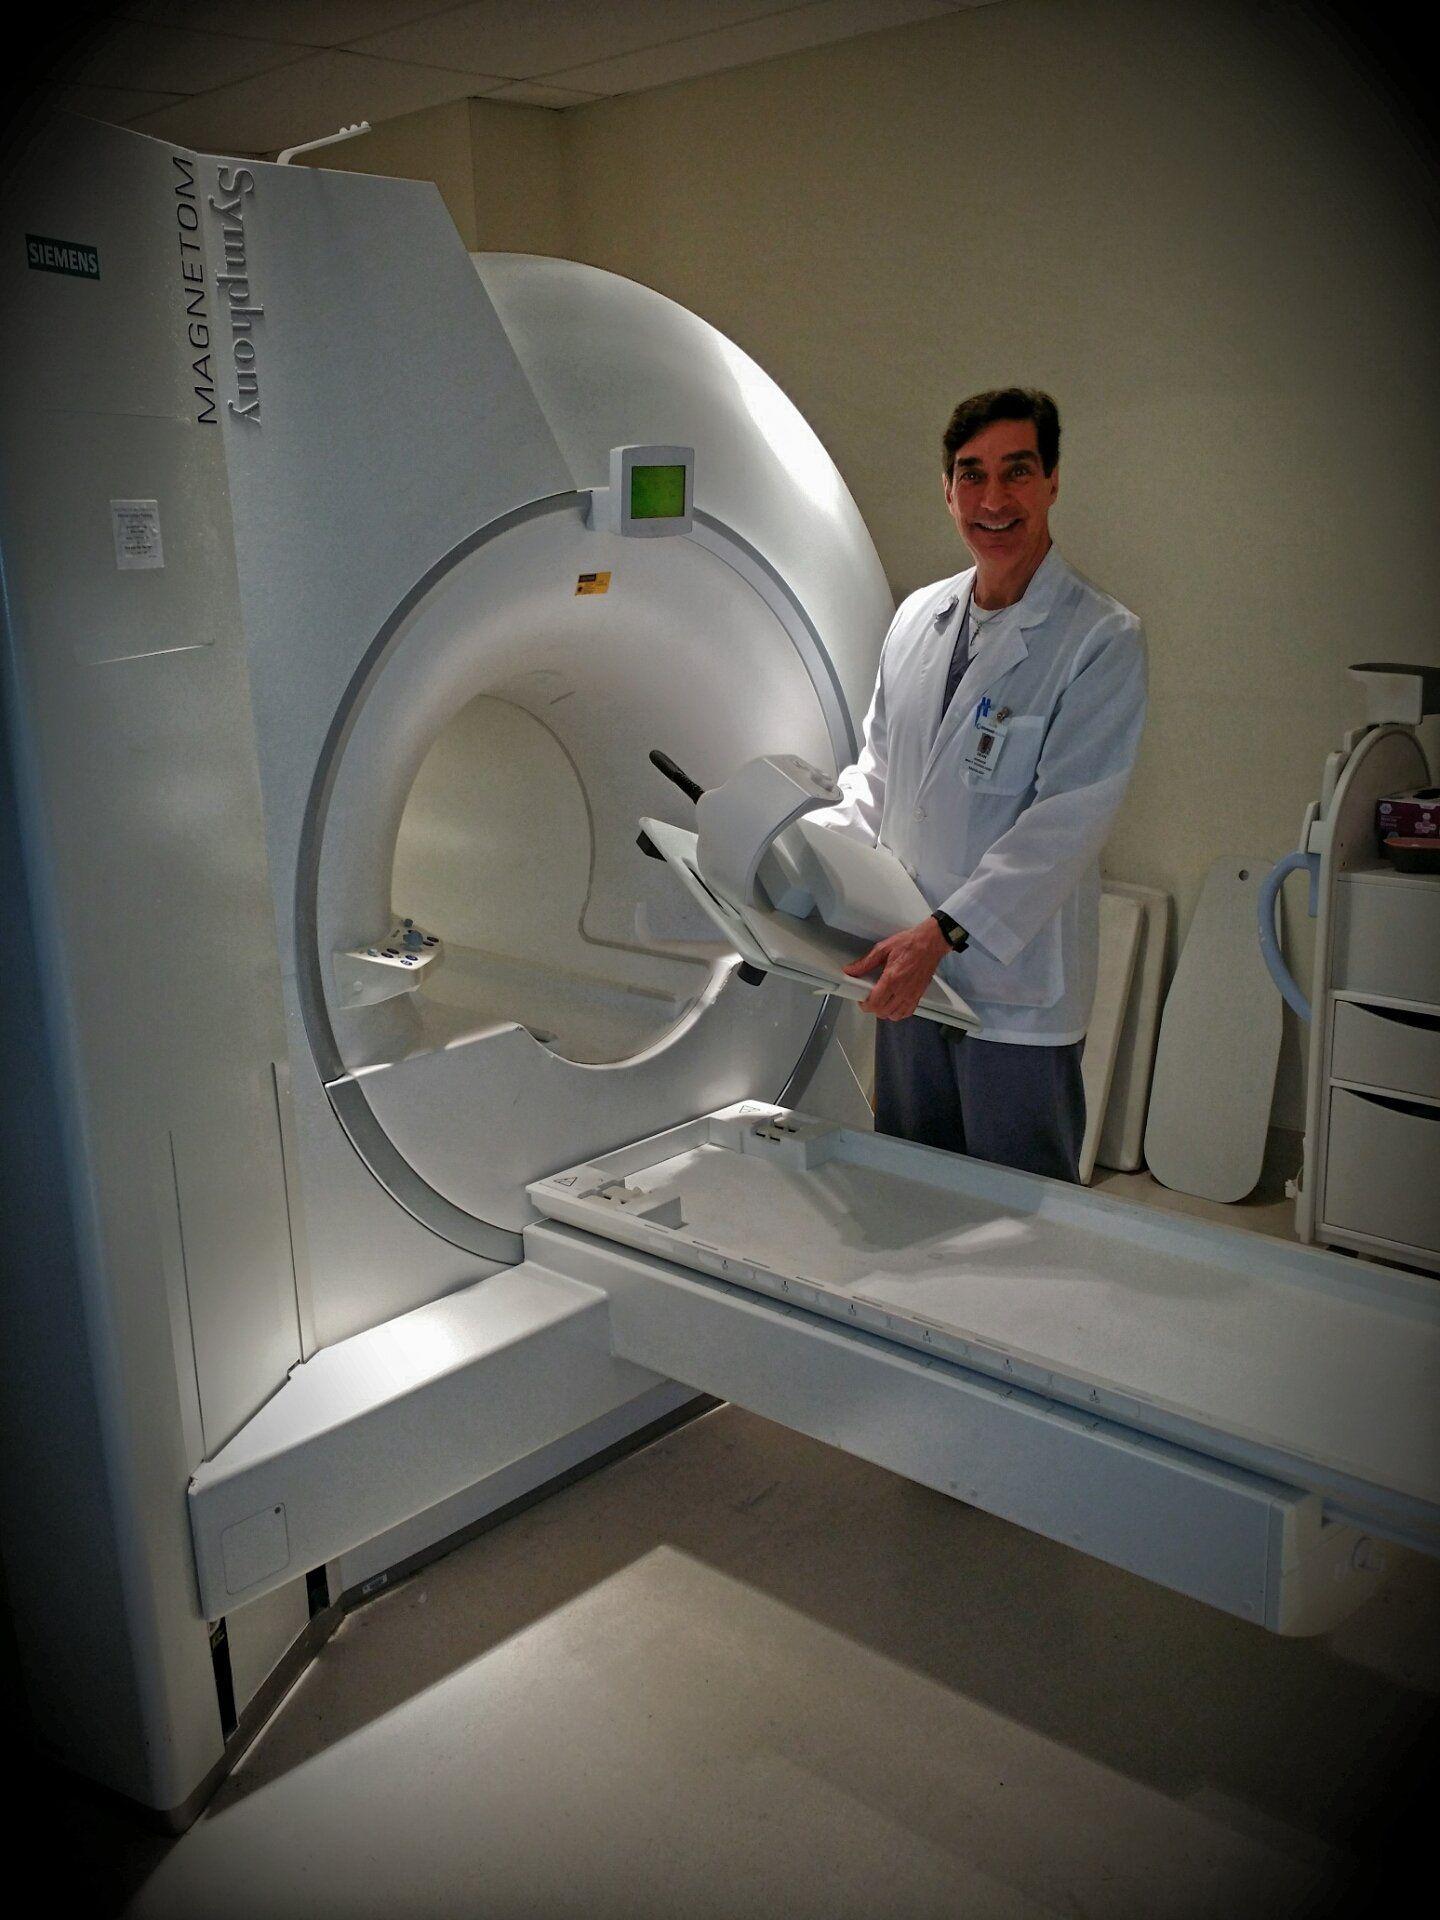 Mri technologist preparing the machine for the next